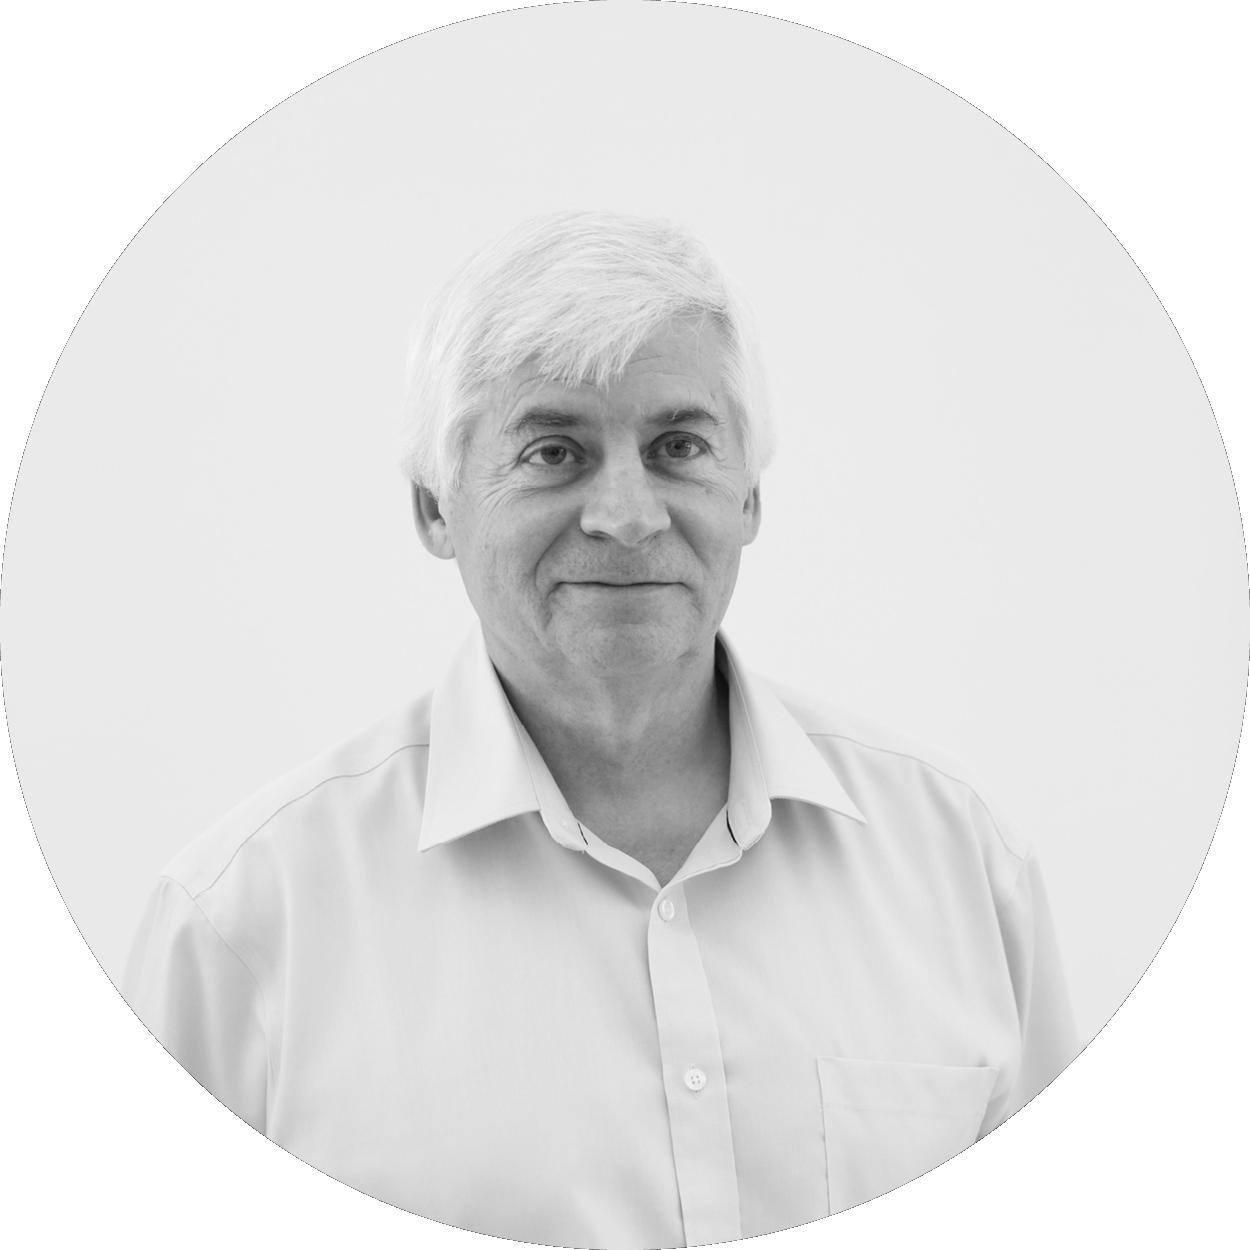 Stuart Moore - Senior Engineer